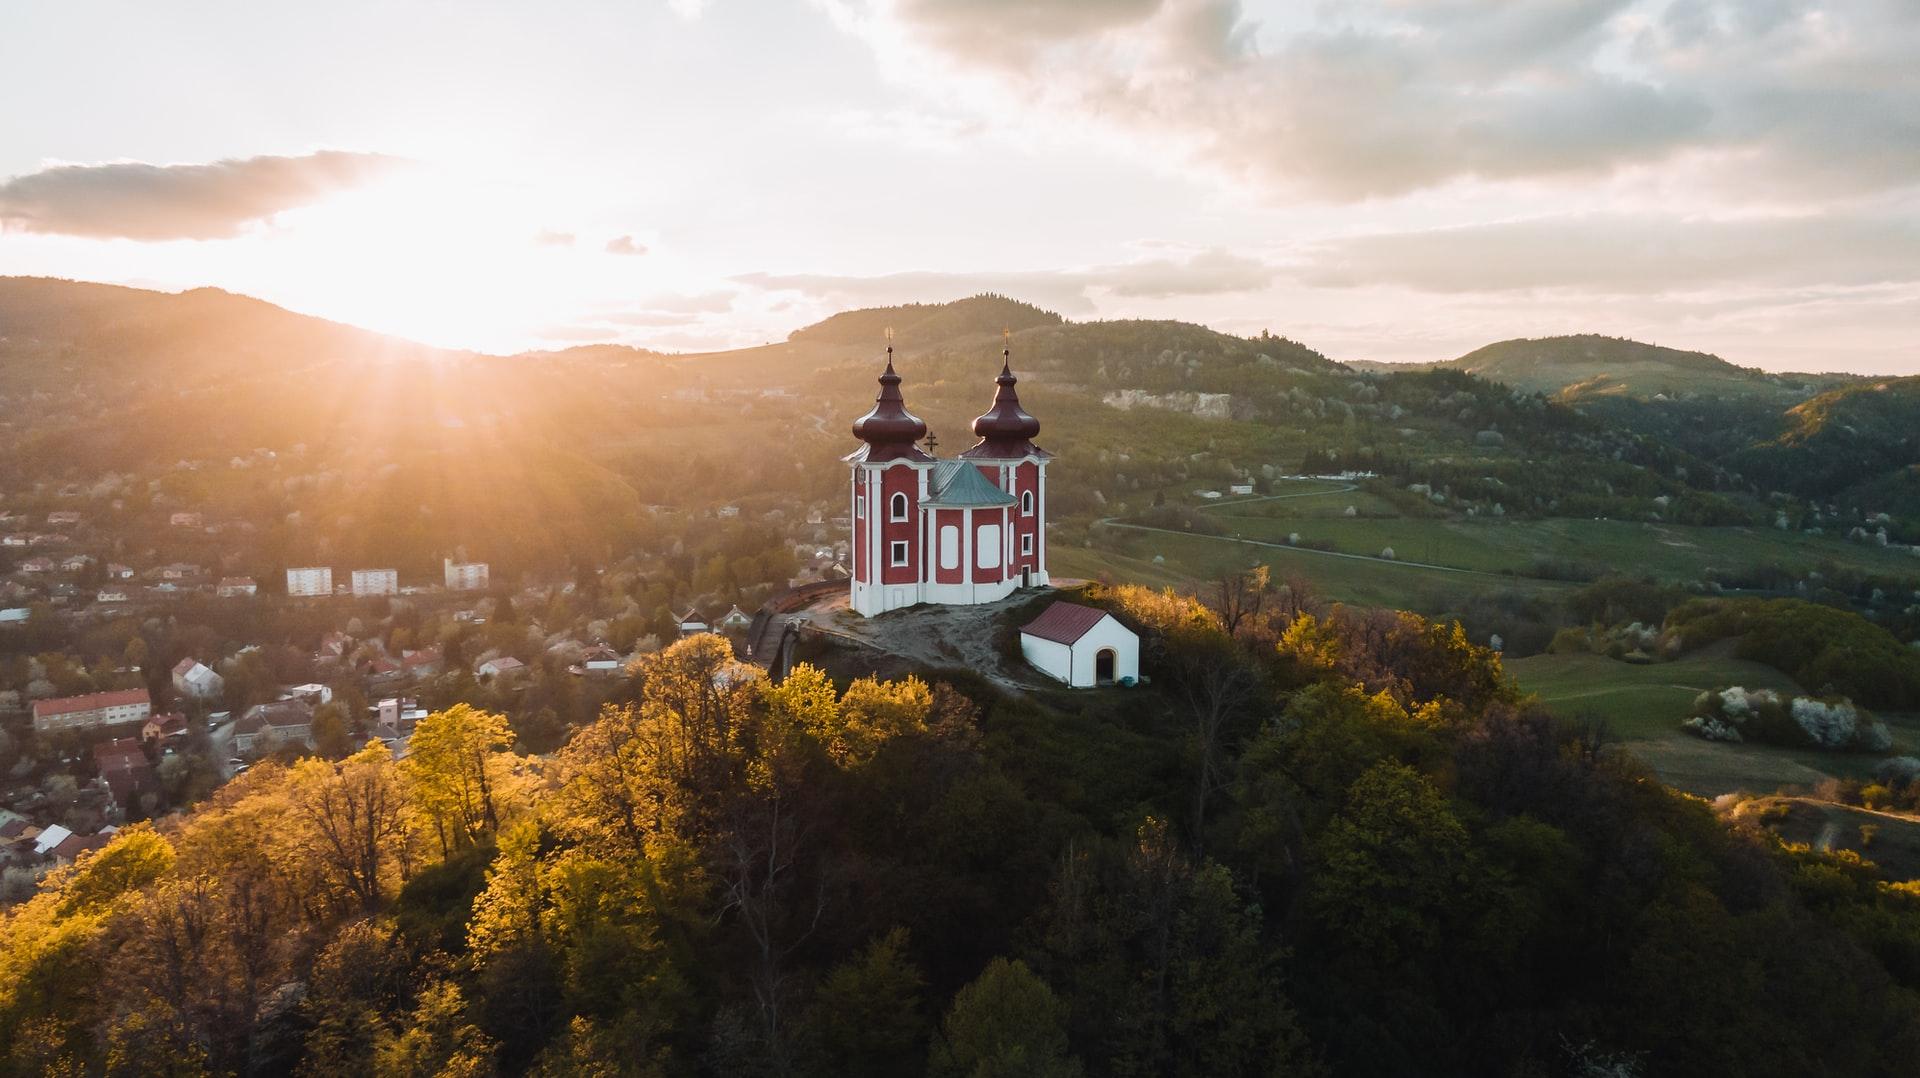 Banskobystricky kraj - Banska Bystrica Region